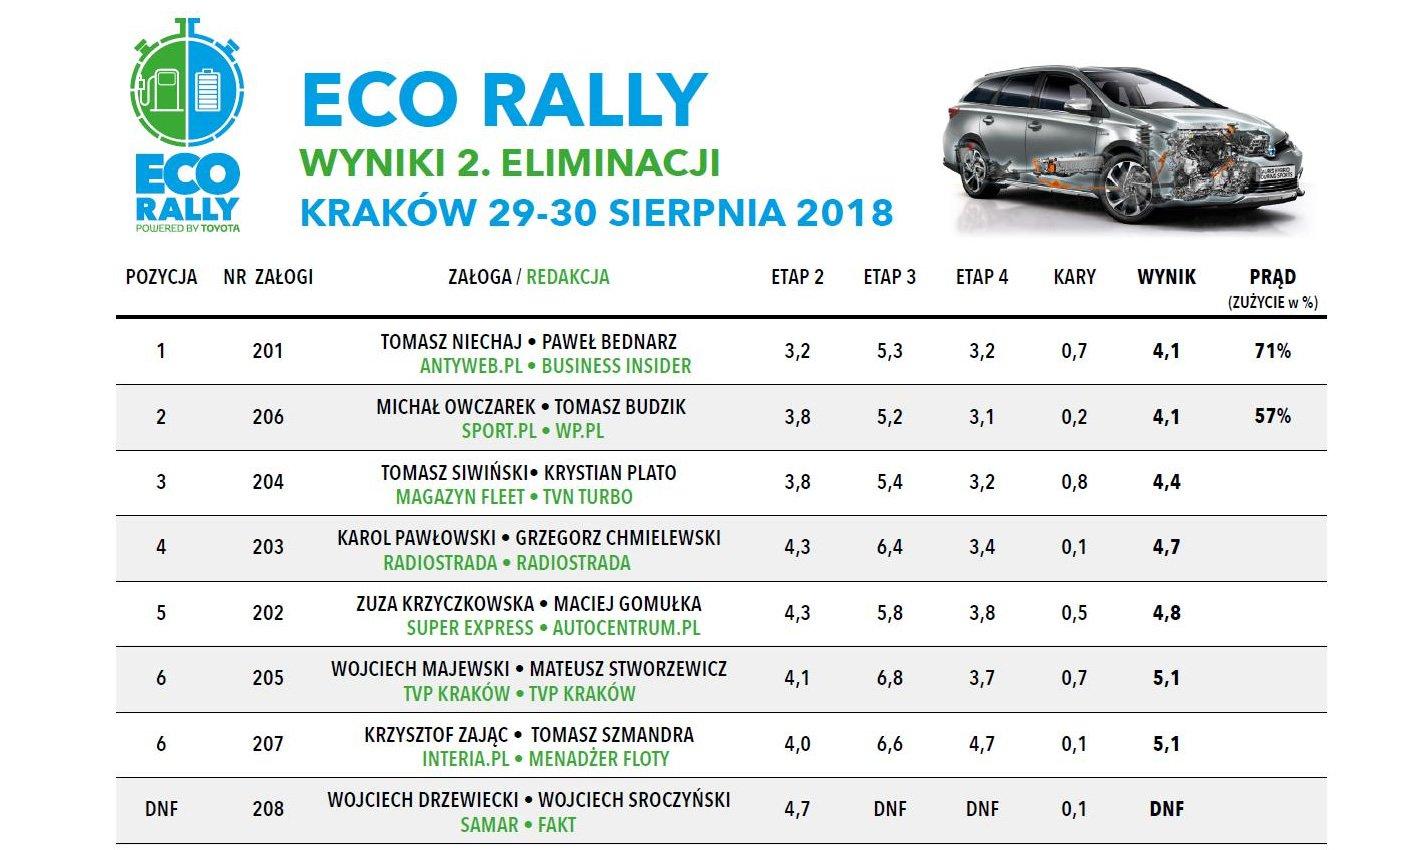 Toyota Eco Rally - końcowe wyniki